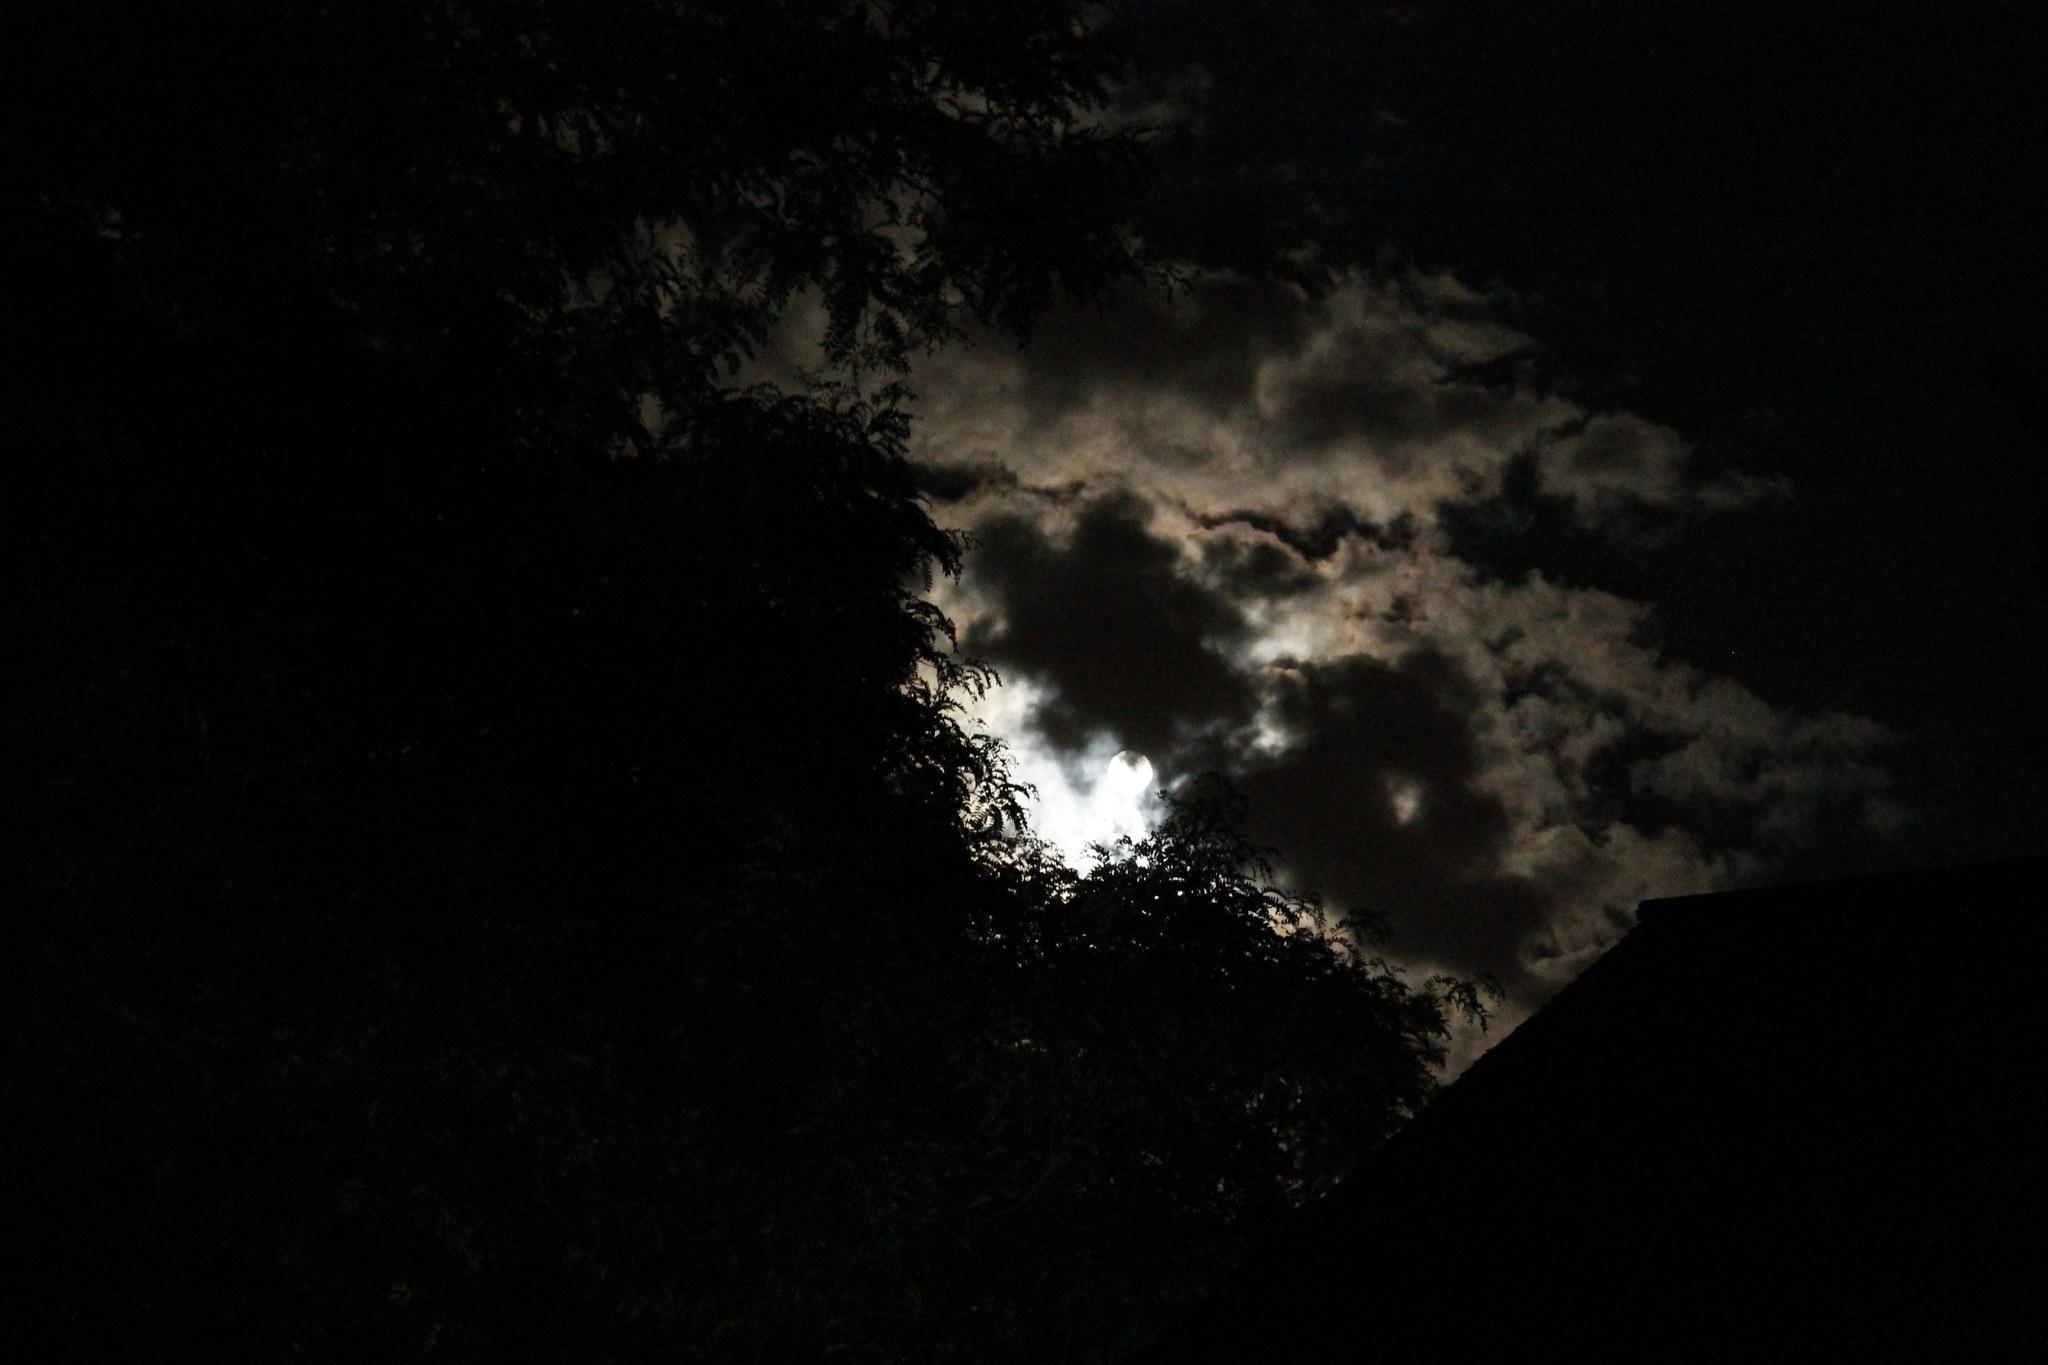 Haunting moon by George Sander